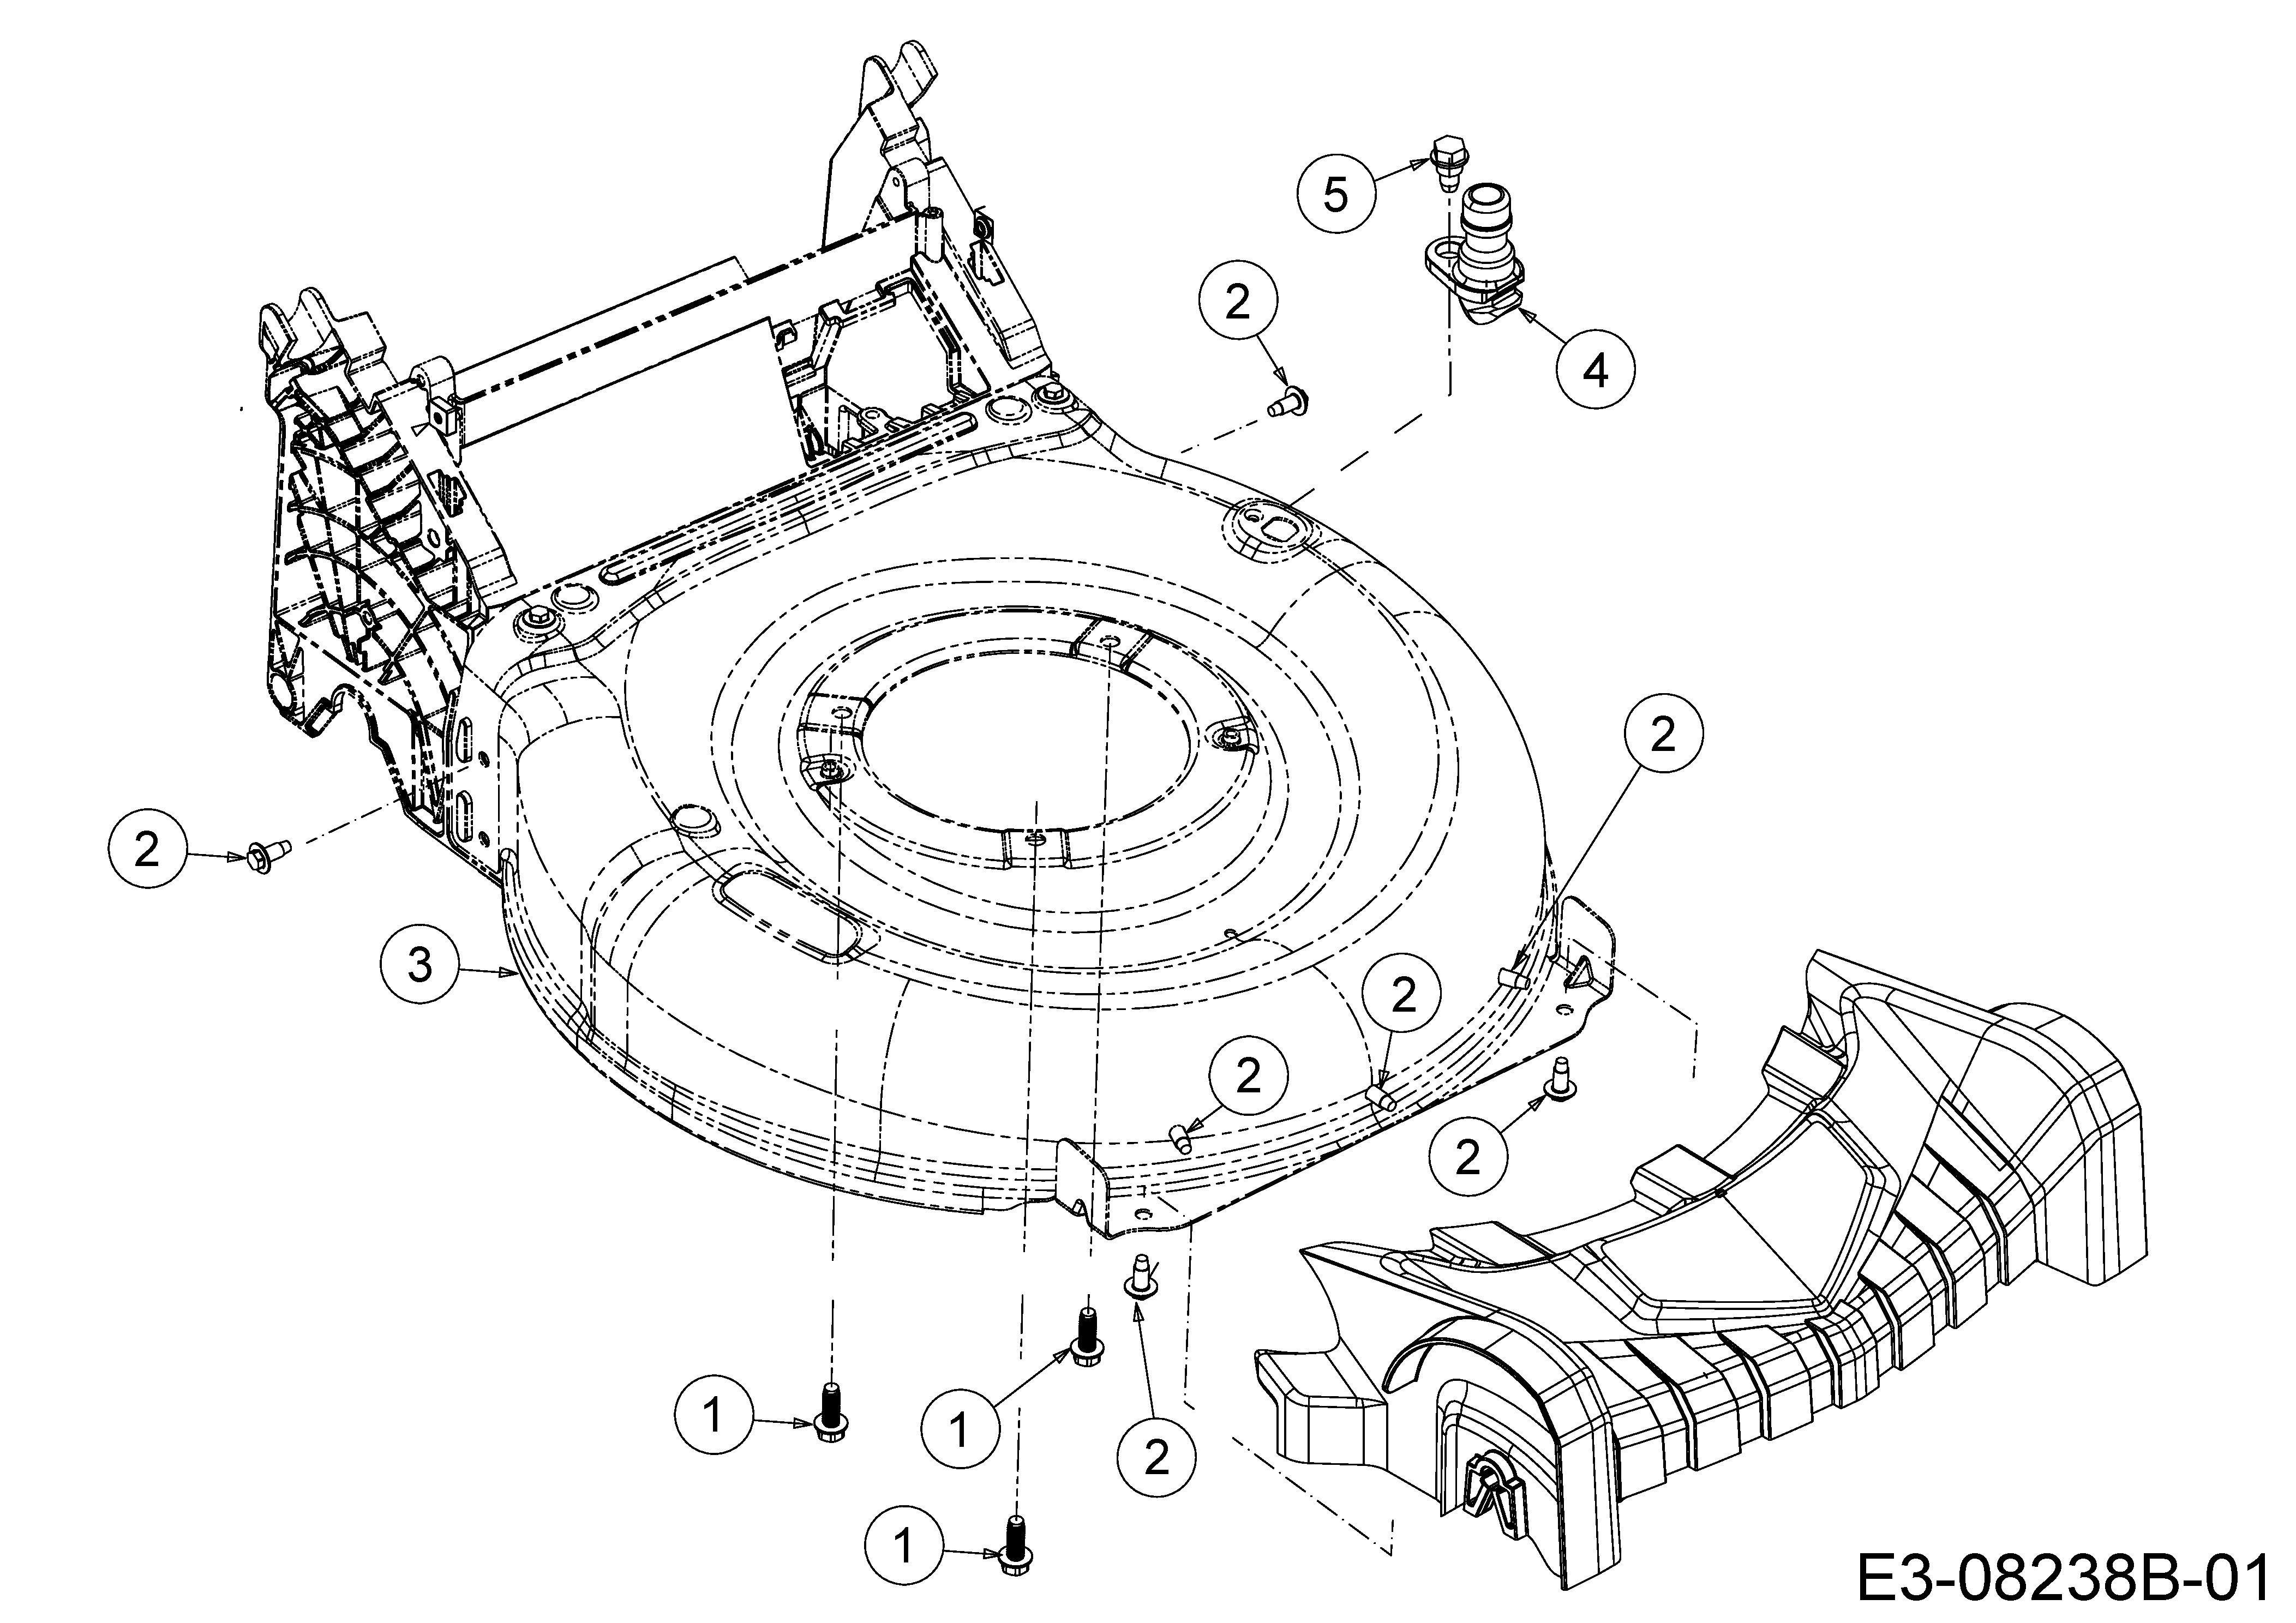 Wolf Garten Expert 530 A Mhwerksgehuse 12a Pukc650 2014 Case Engine Diagram Ersatzteile